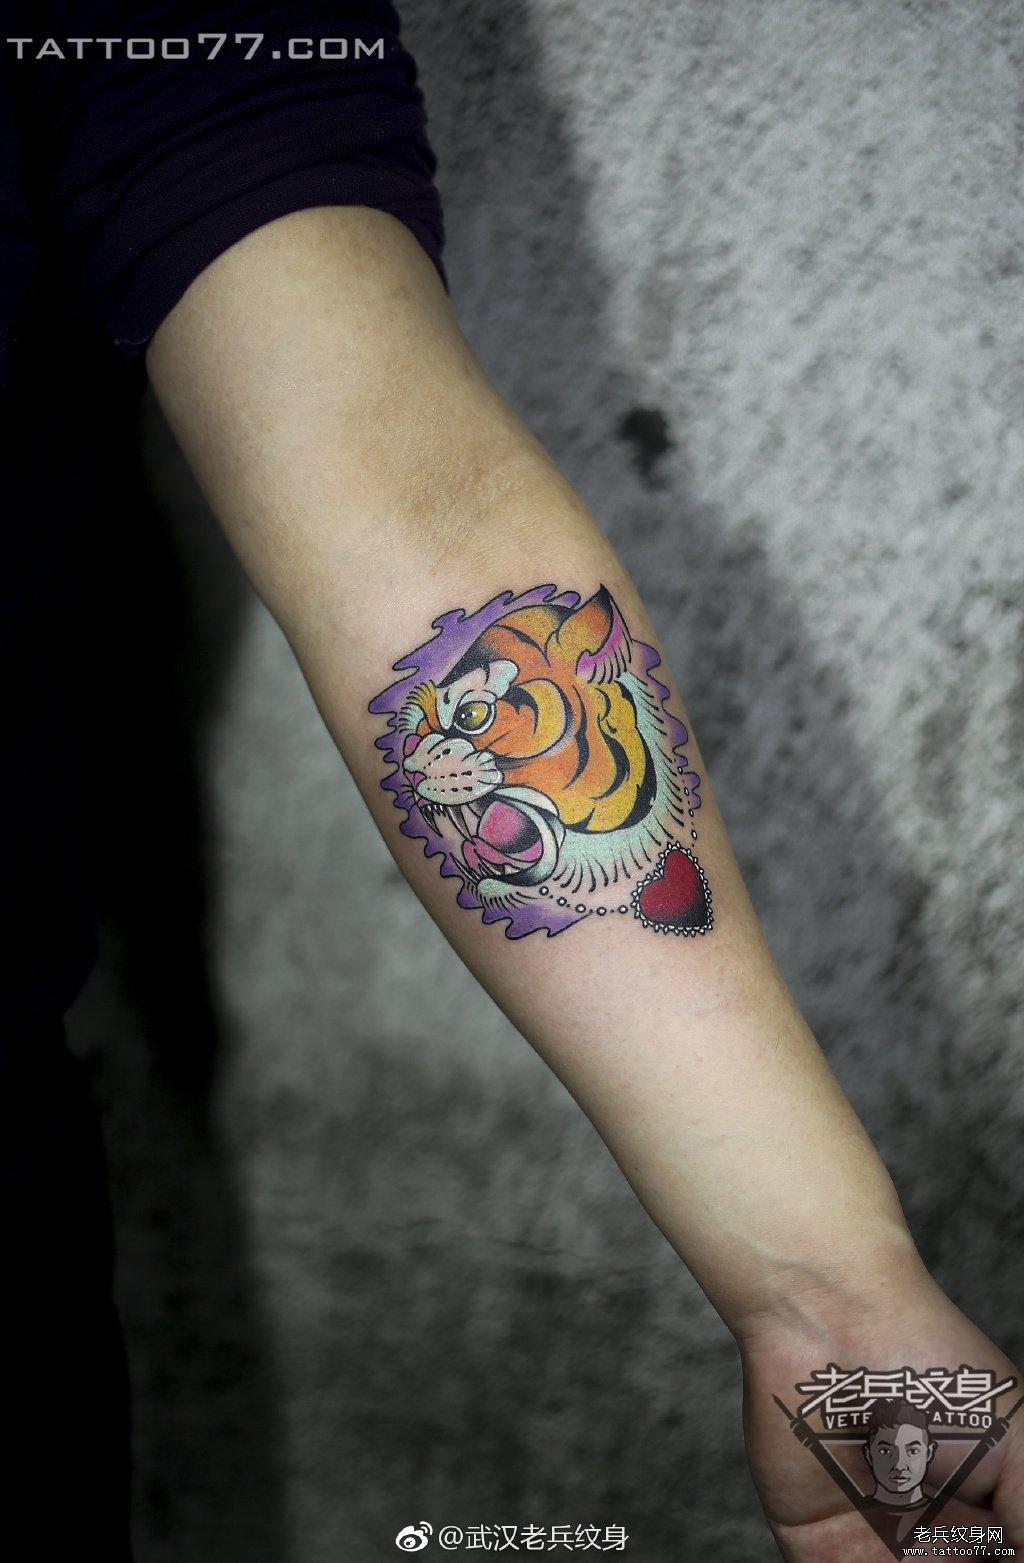 手臂色彩老虎纹身作品图案